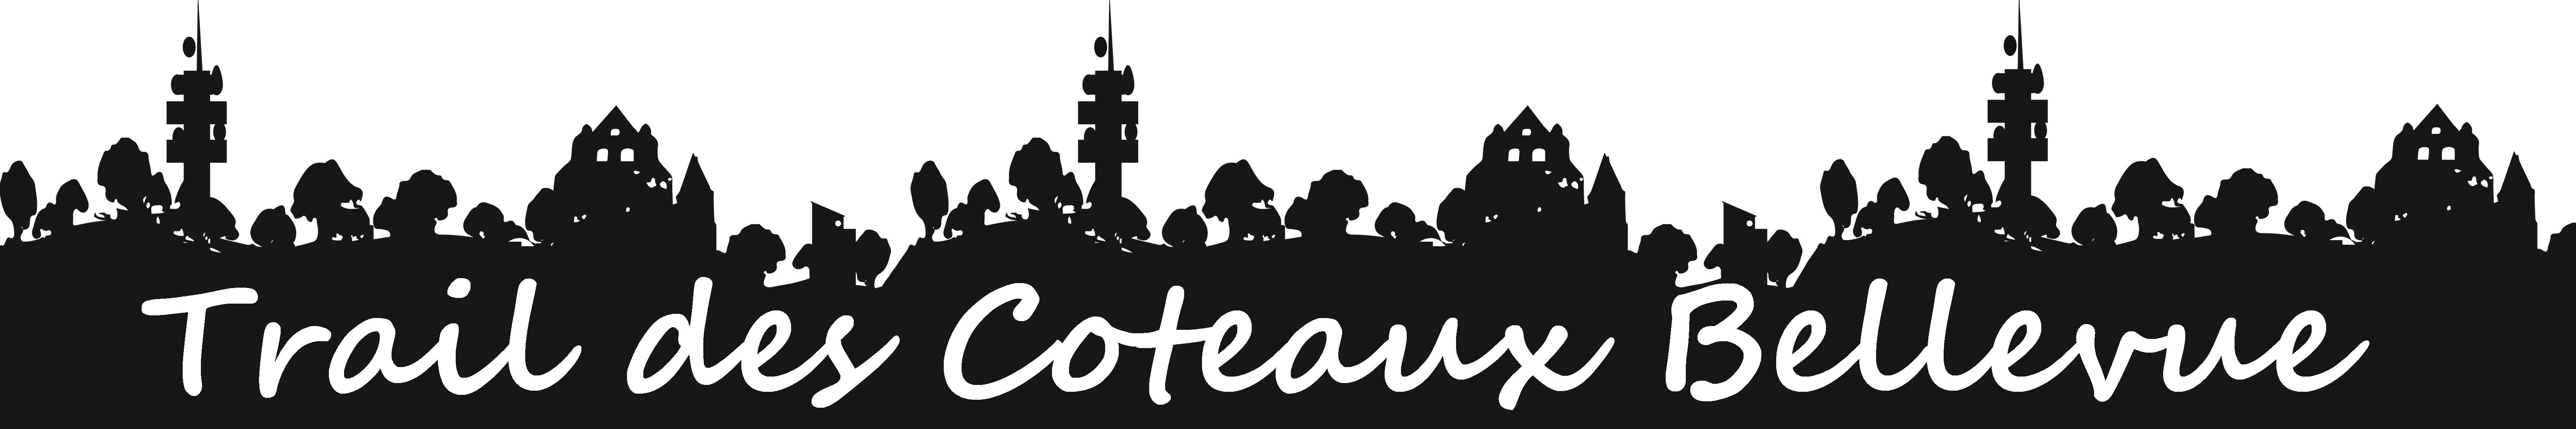 Trail des Coteaux de Bellevue Logo